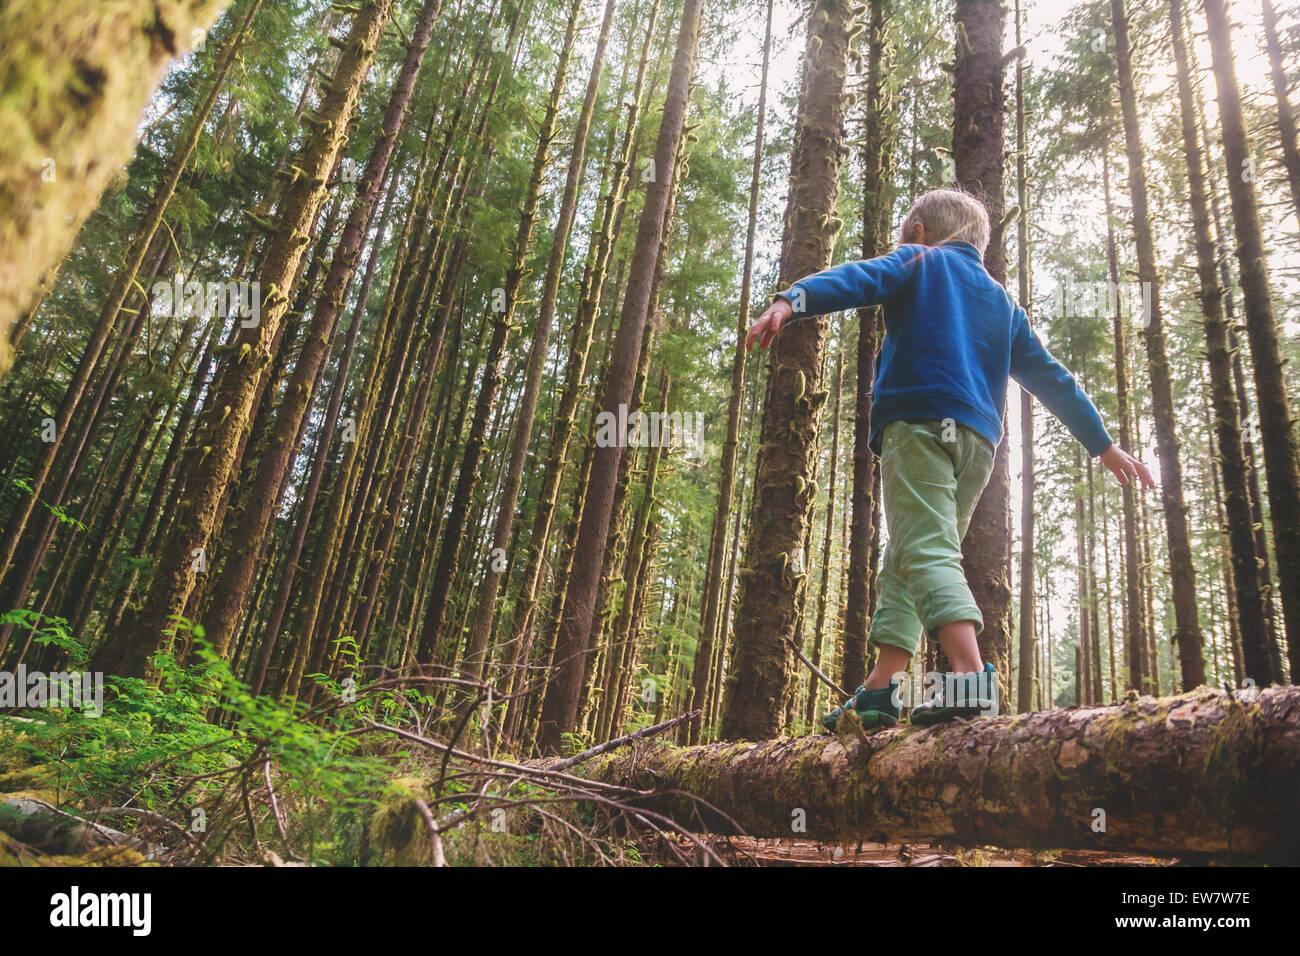 Ángulo de visión baja de un muchacho caminando a través de un tronco de árbol Imagen De Stock